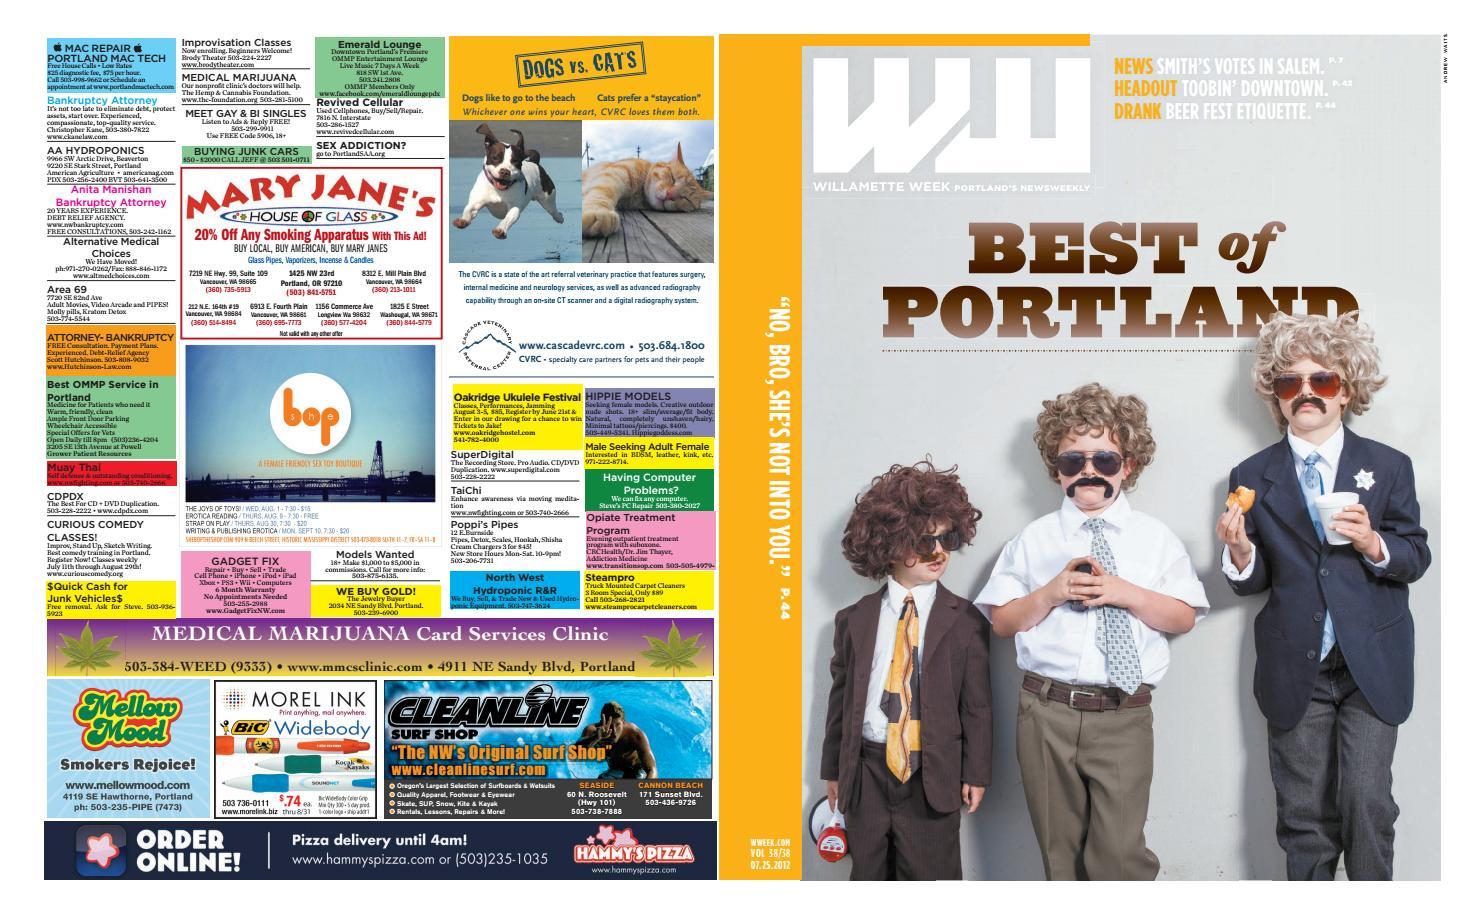 38 38 willamette week july 25 2012 by willamette week newspaper 38 38 willamette week july 25 2012 by willamette week newspaper issuu fandeluxe Images